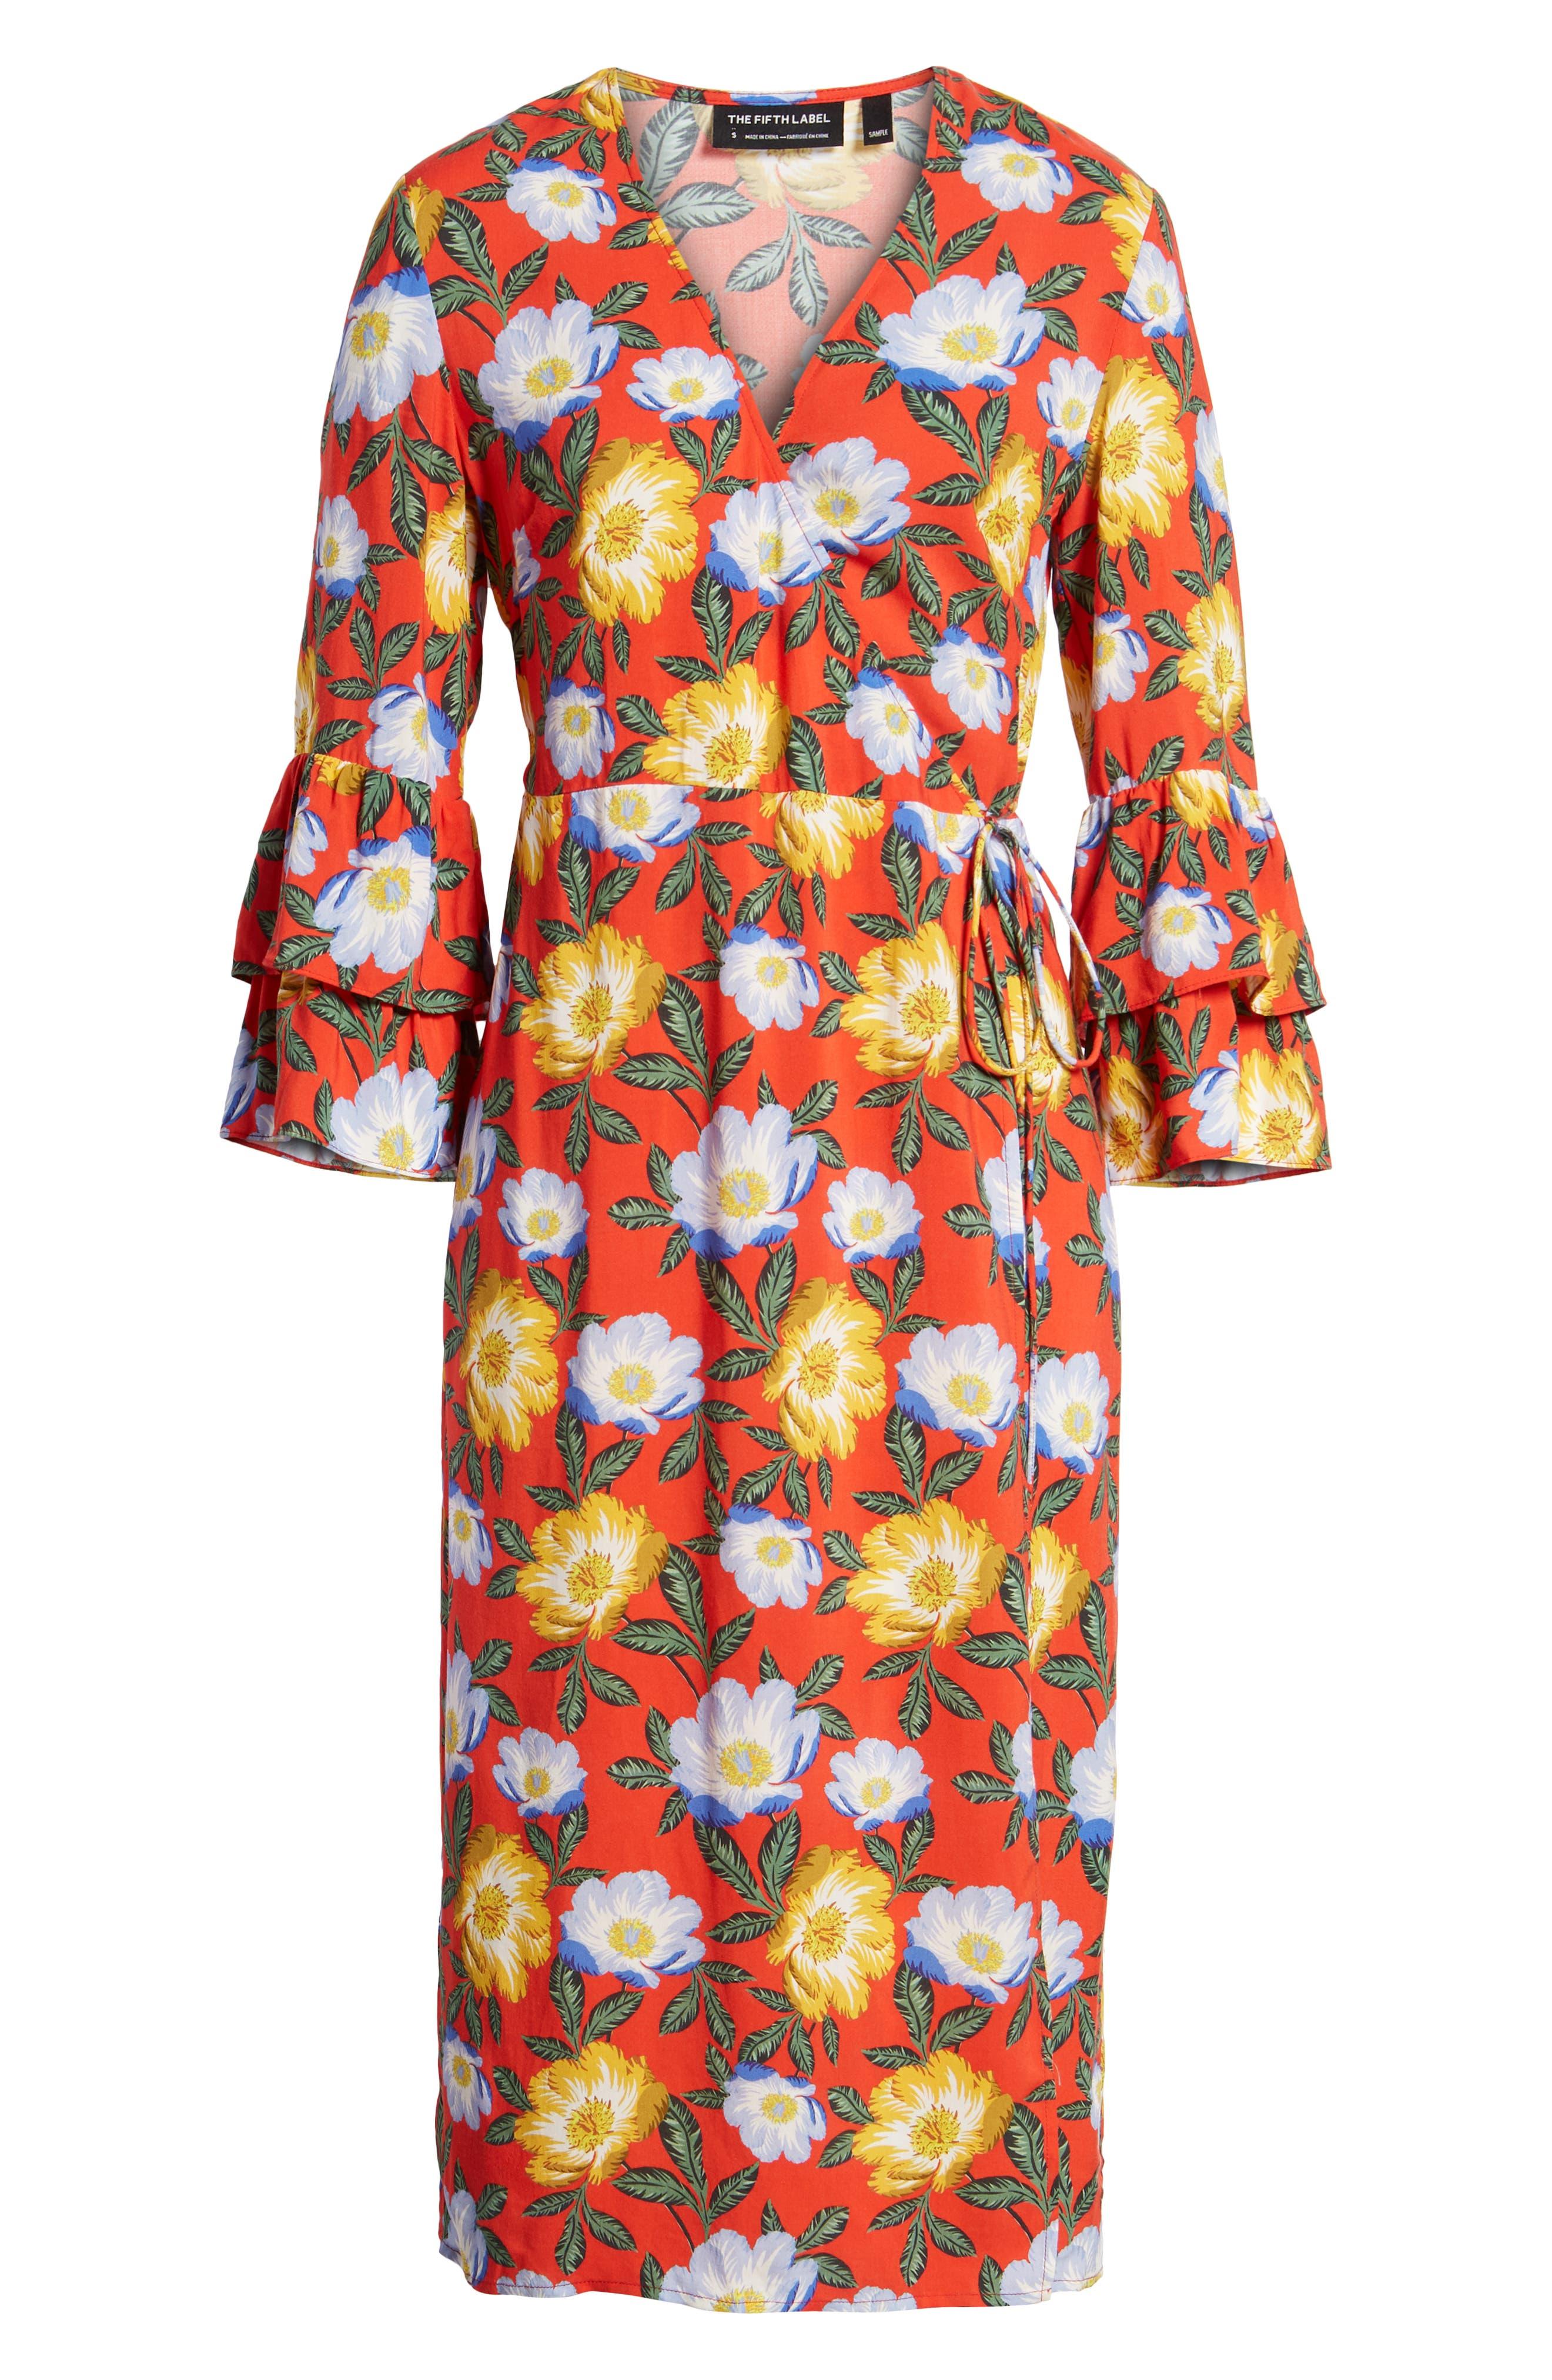 Reunion Floral Wrap Dress,                             Alternate thumbnail 7, color,                             800